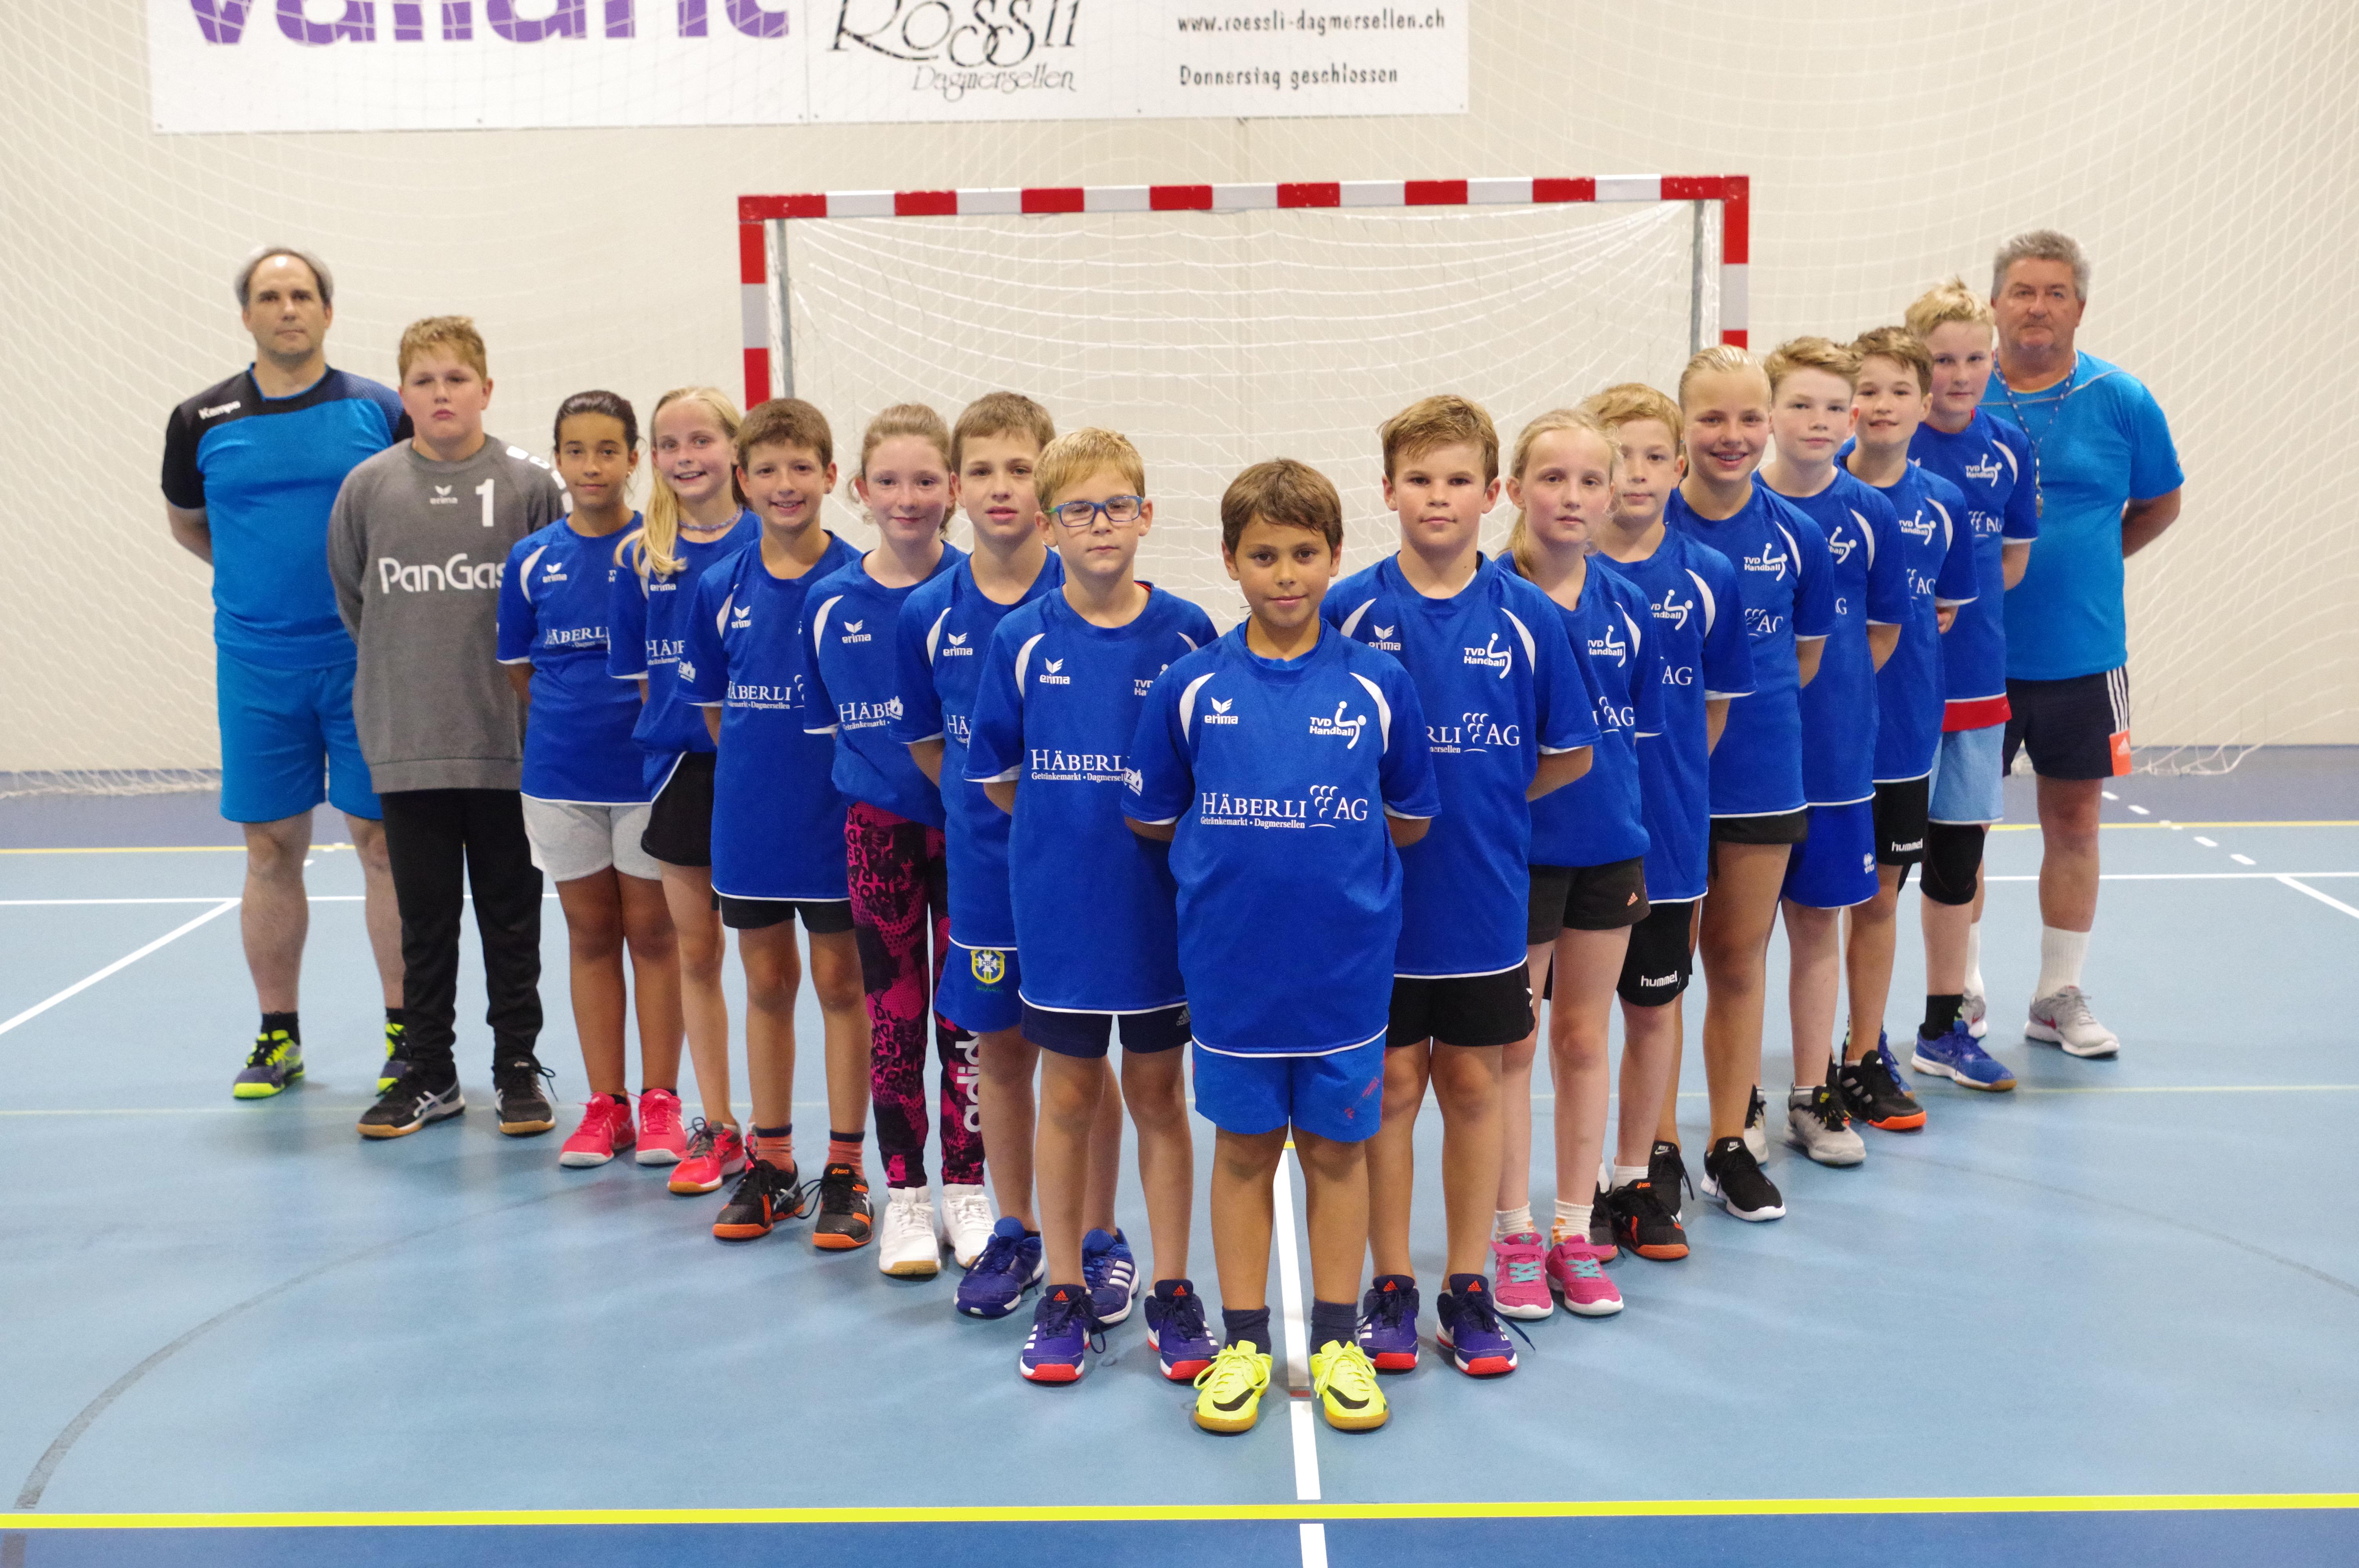 U13: Tolle Resultate am Turnier in Olten